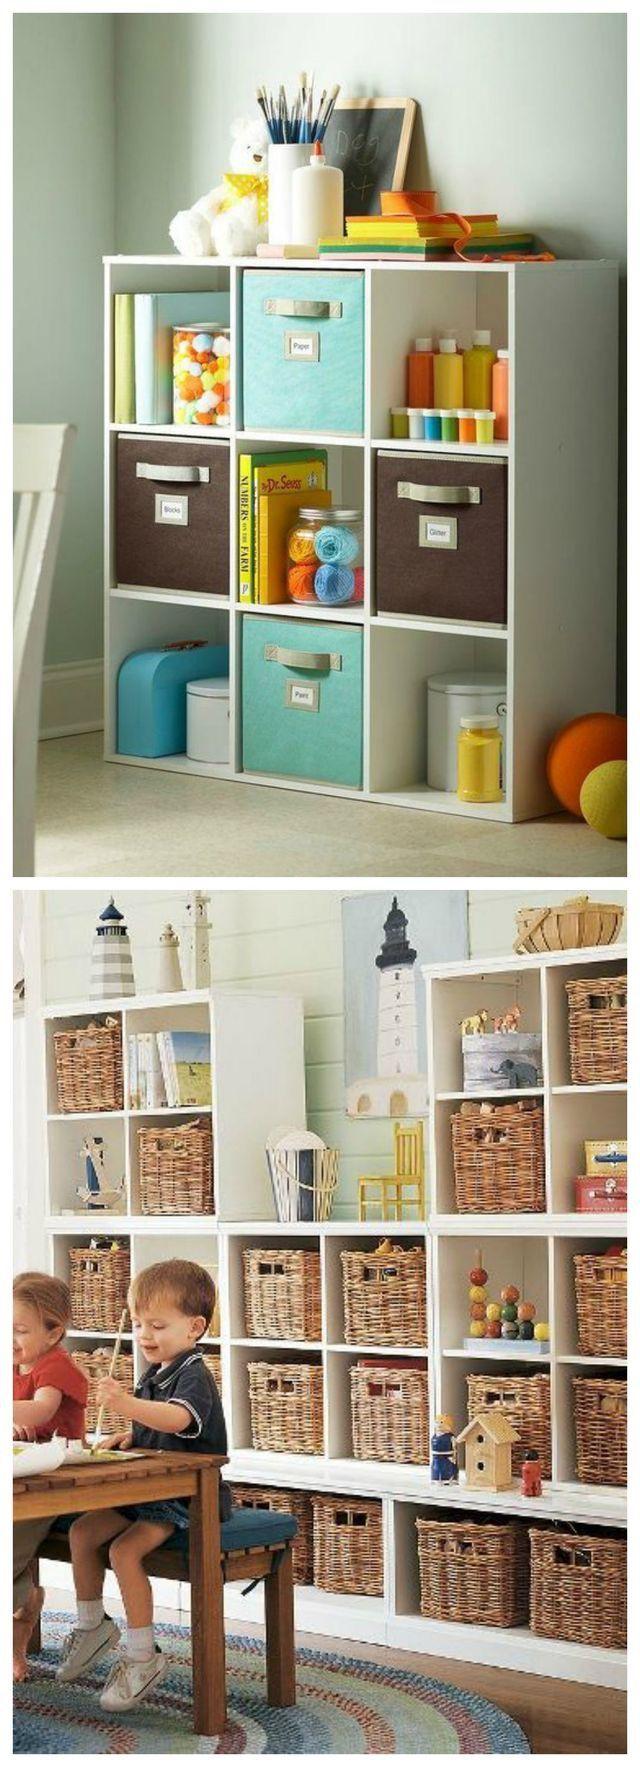 Cajas organizadoras de juguetes, cuarto de juegos, estanterías